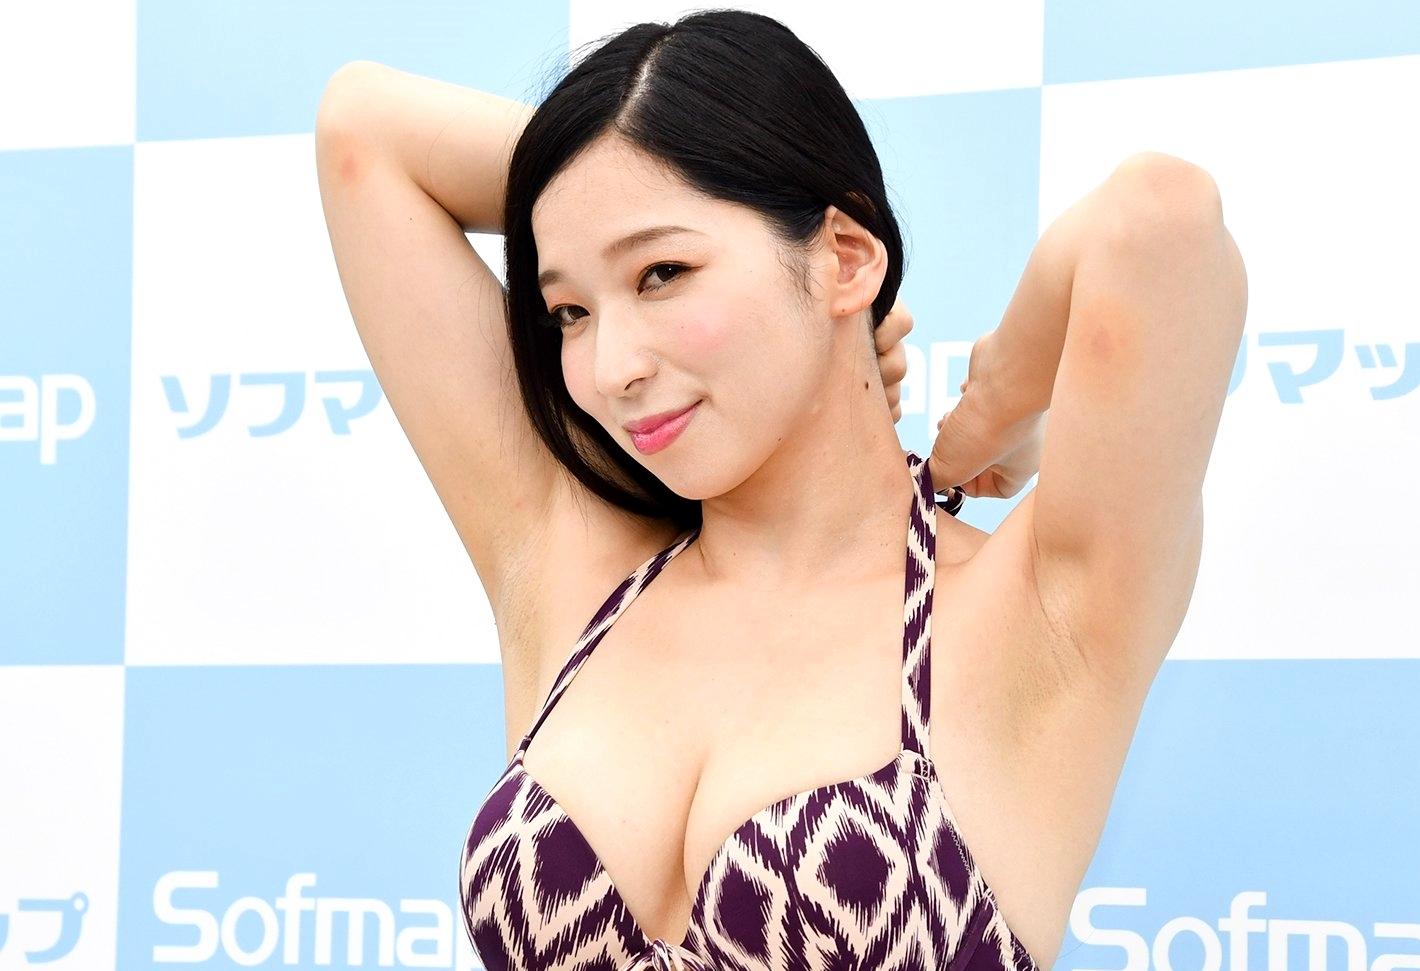 鶴あいかの熟腋 (3)